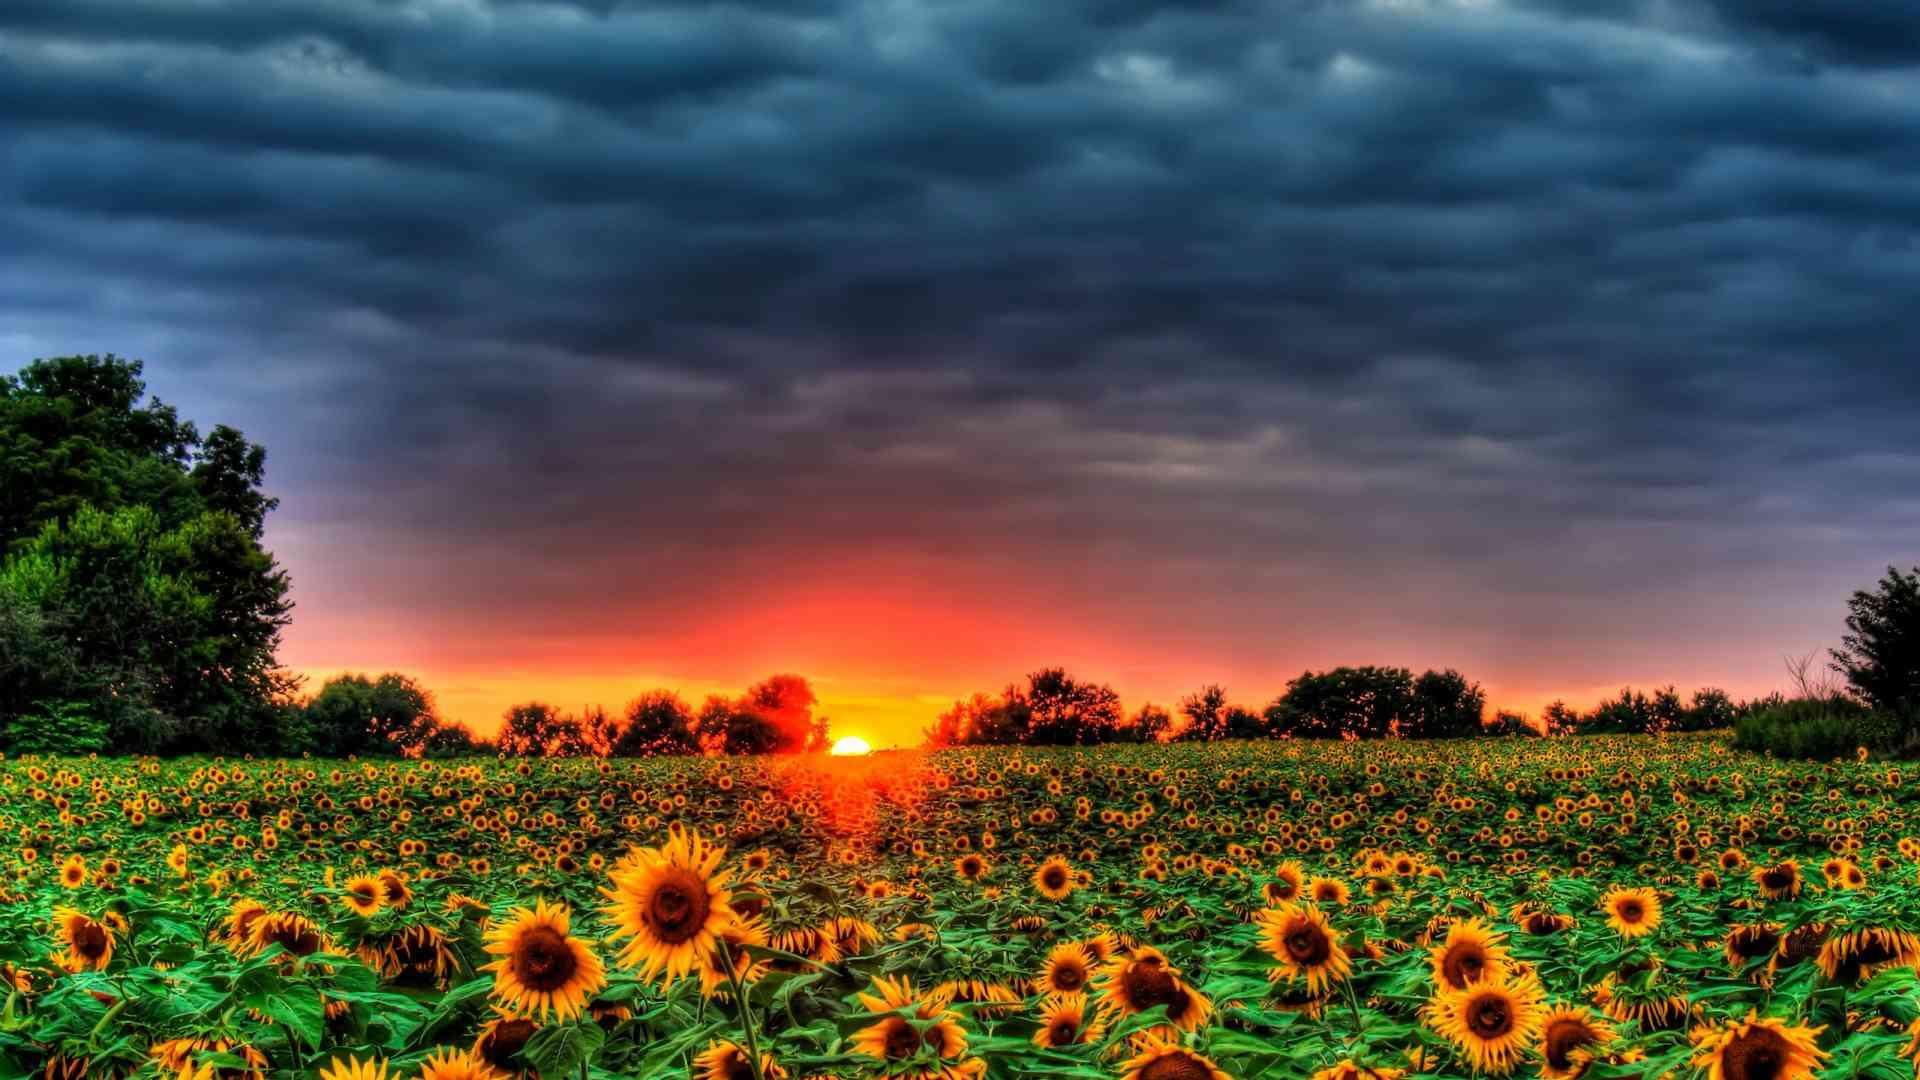 Hình ảnh mùa hè hoa hướng dương